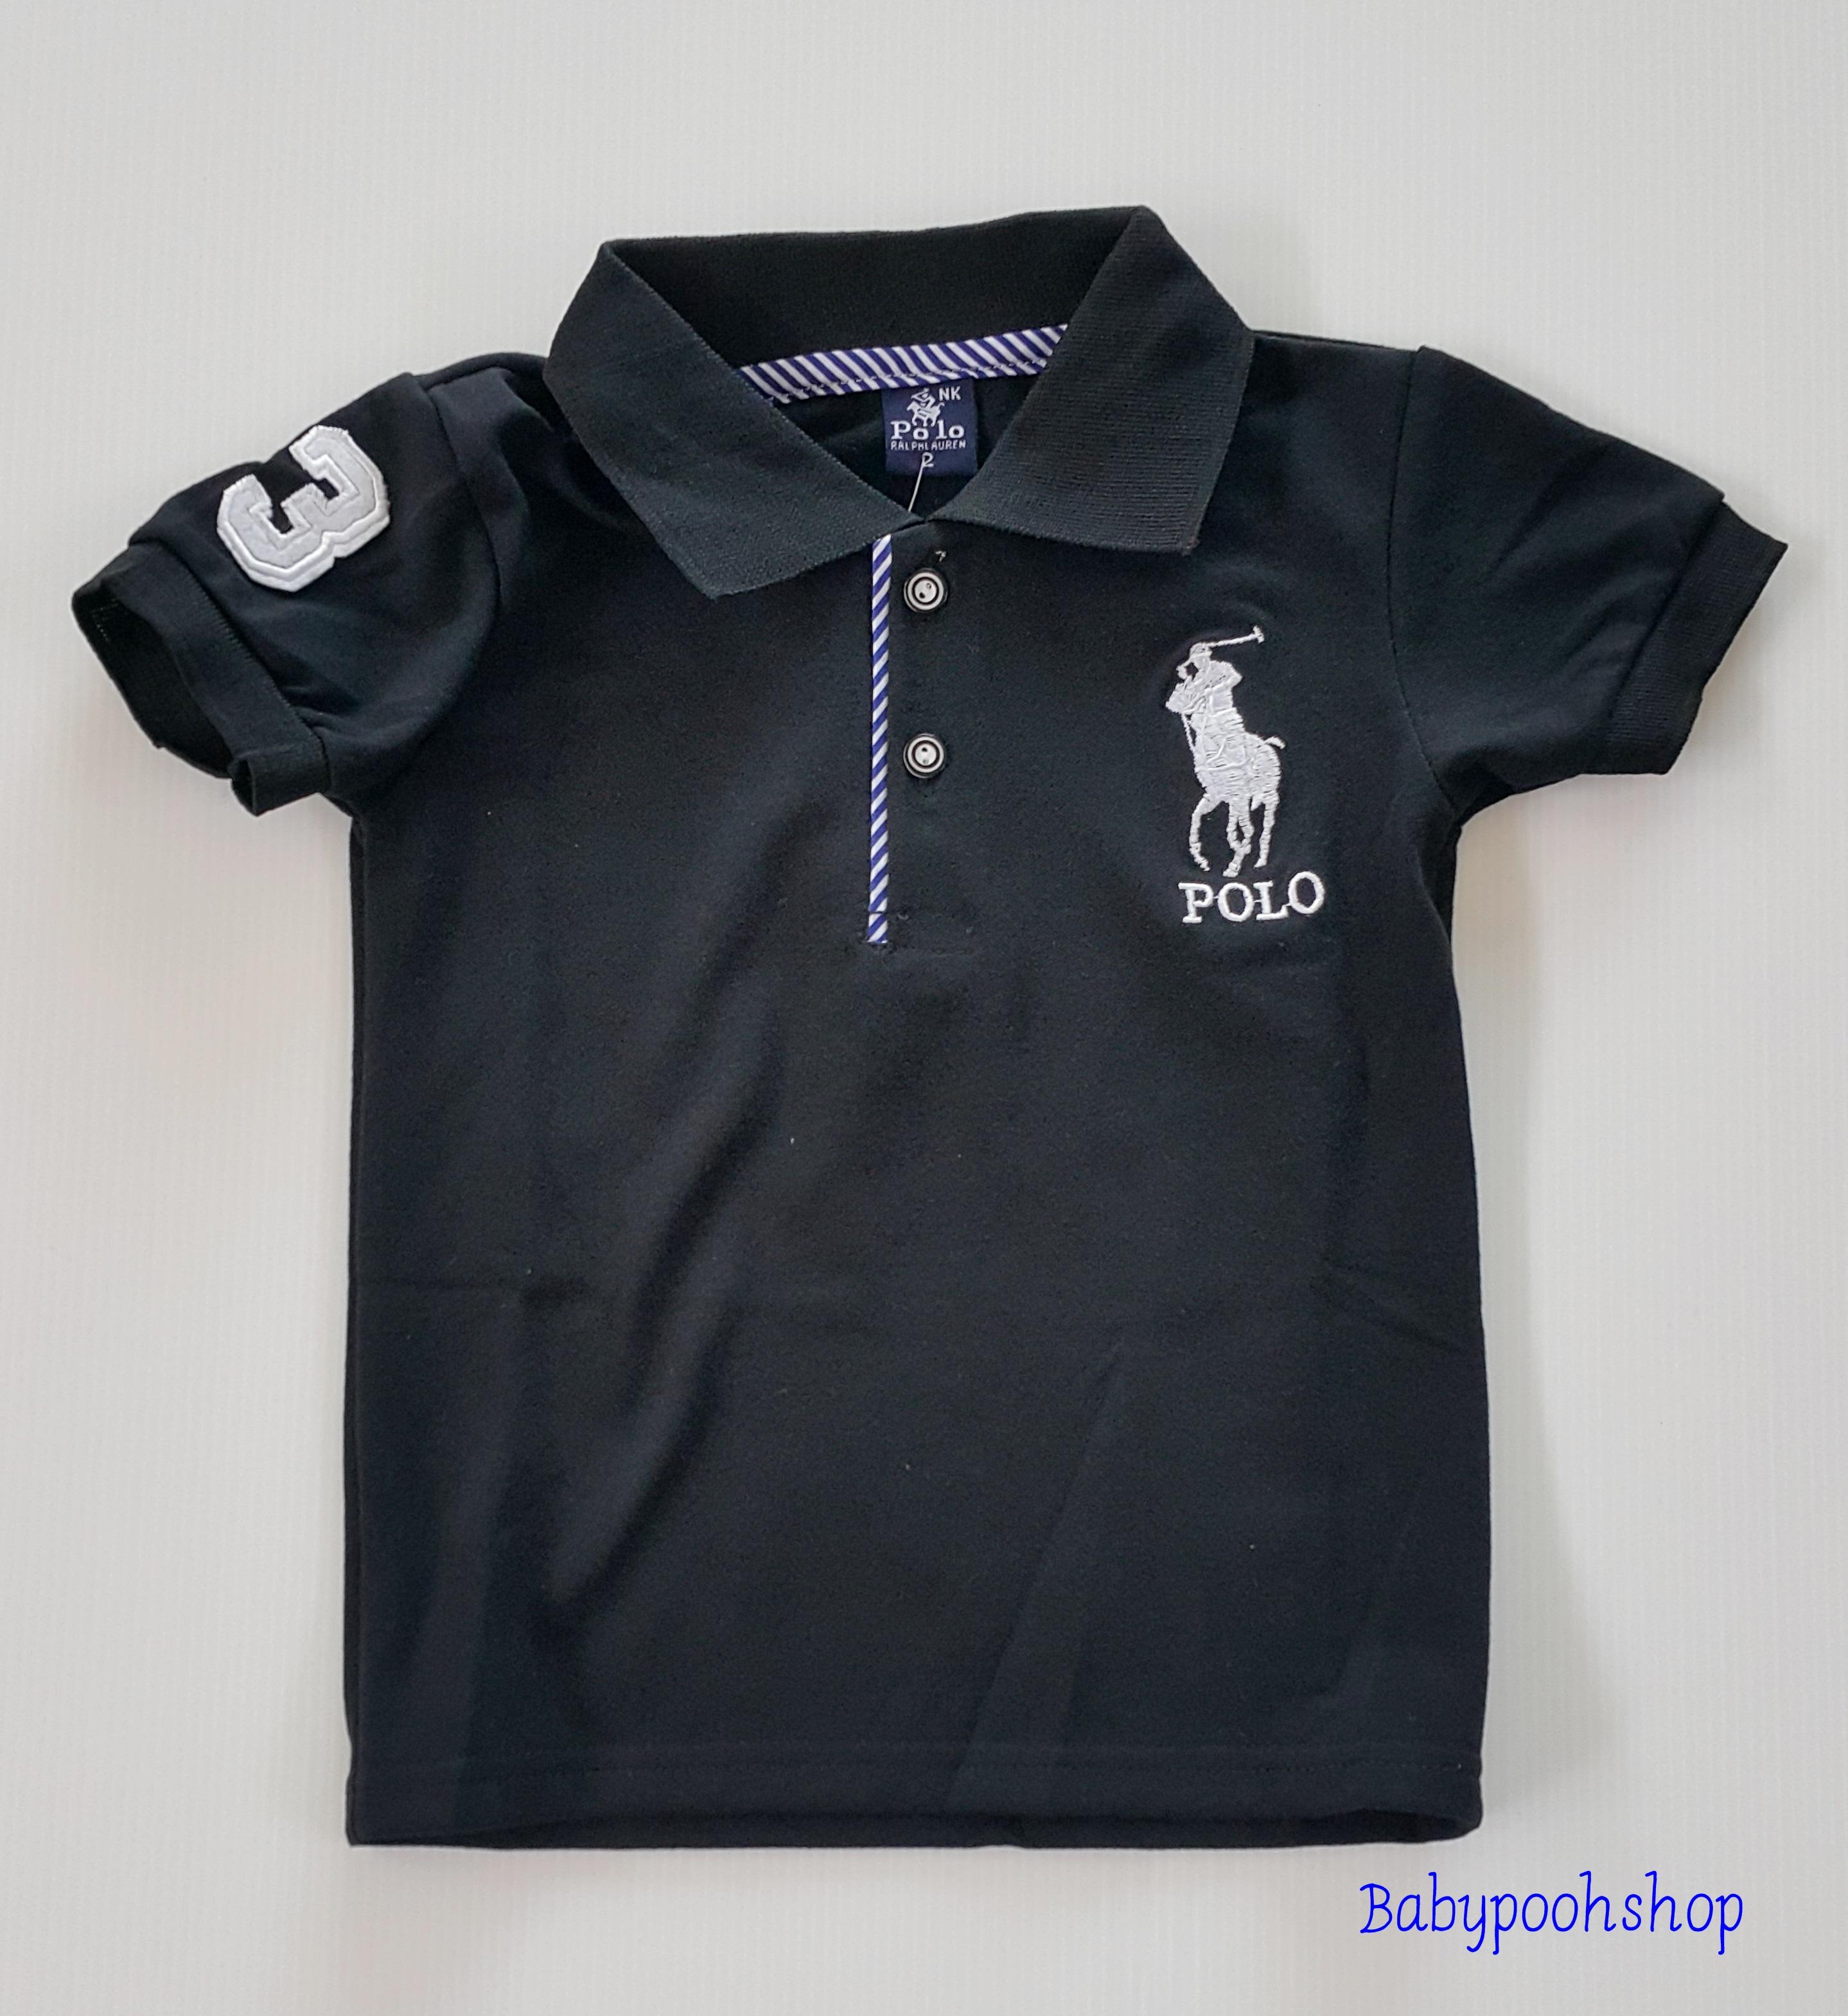 Polo : เสื้อคอปก Polo เด็กเล็ก สีดำ size : 2 (2-3y)